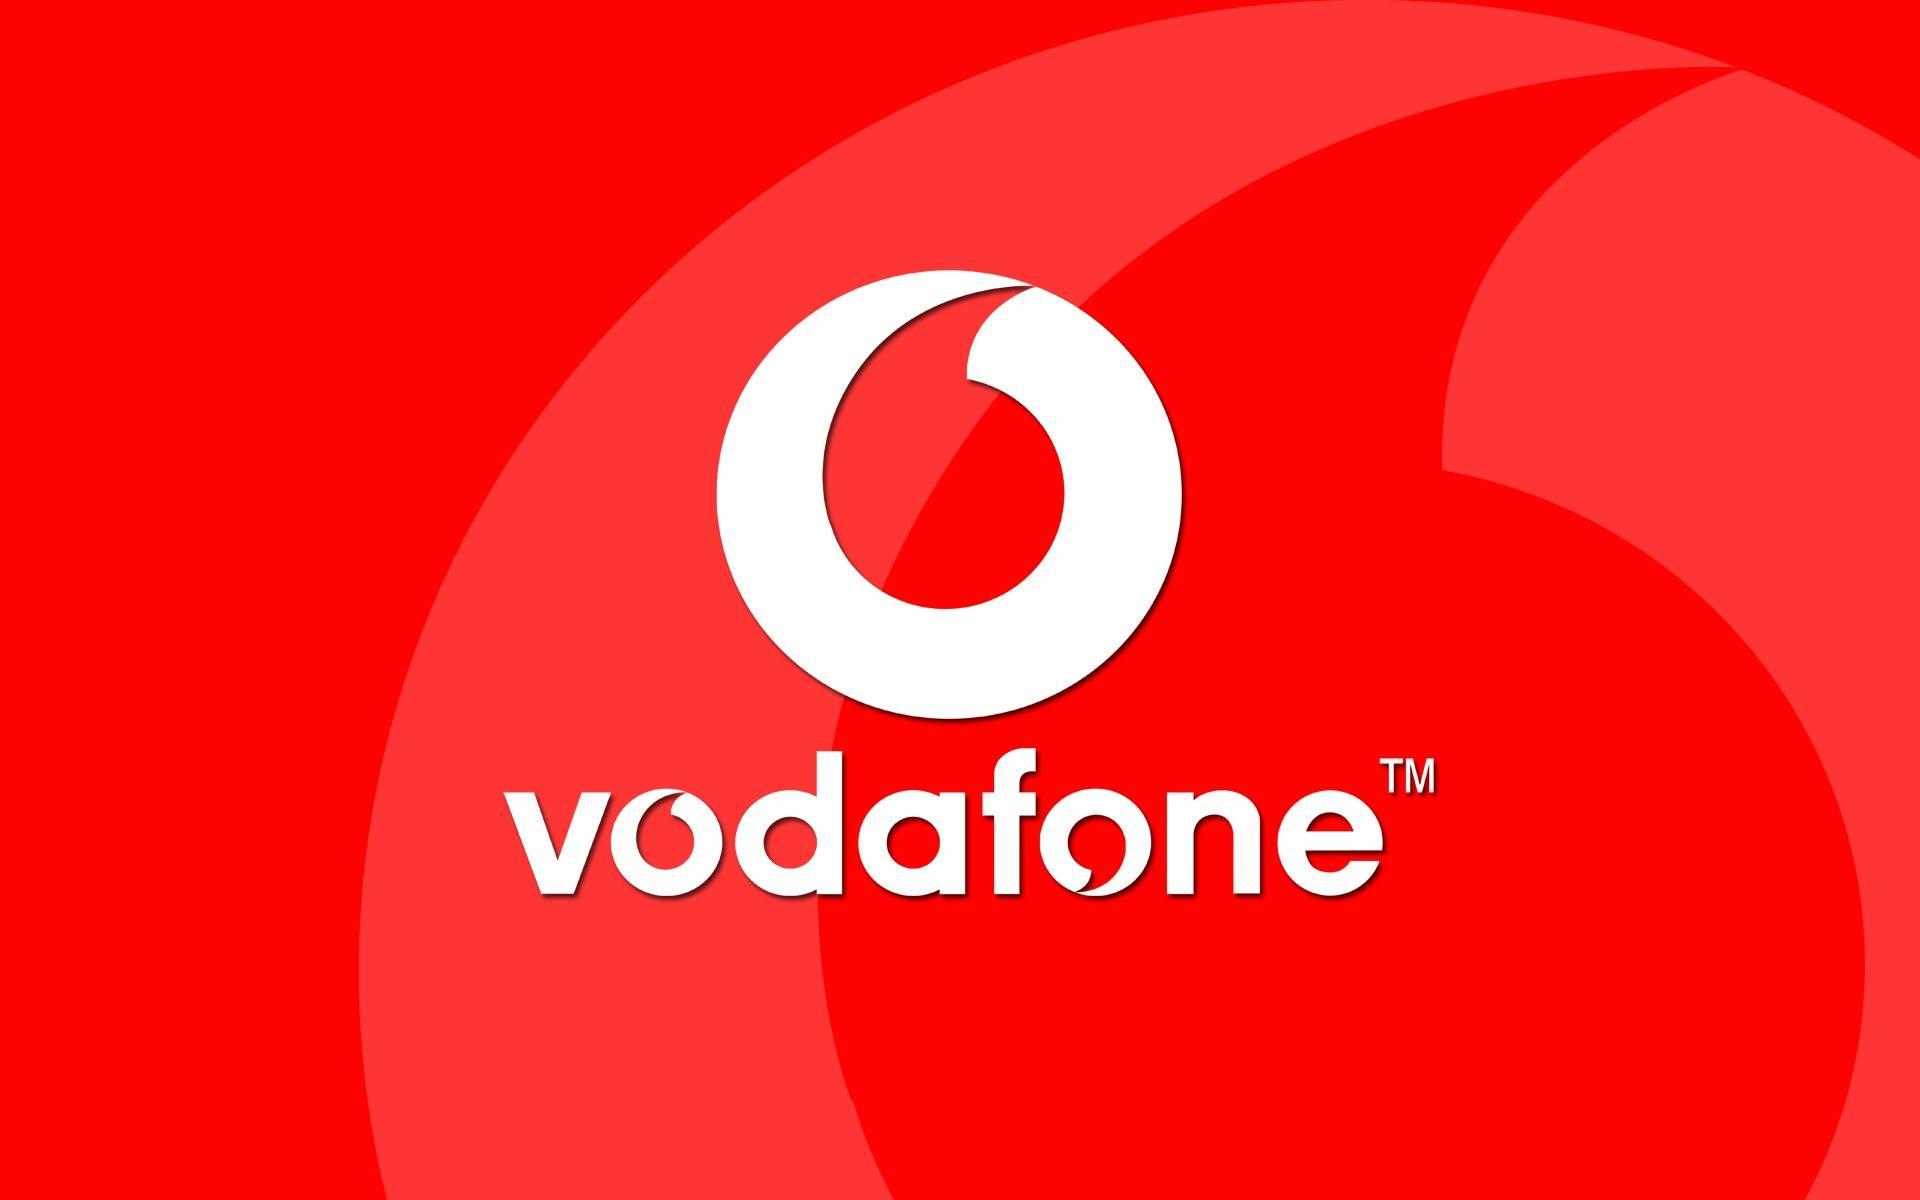 Vodafone Romania are noi Reduceri de Iarna pentru Telefoane Mobile chiar acum